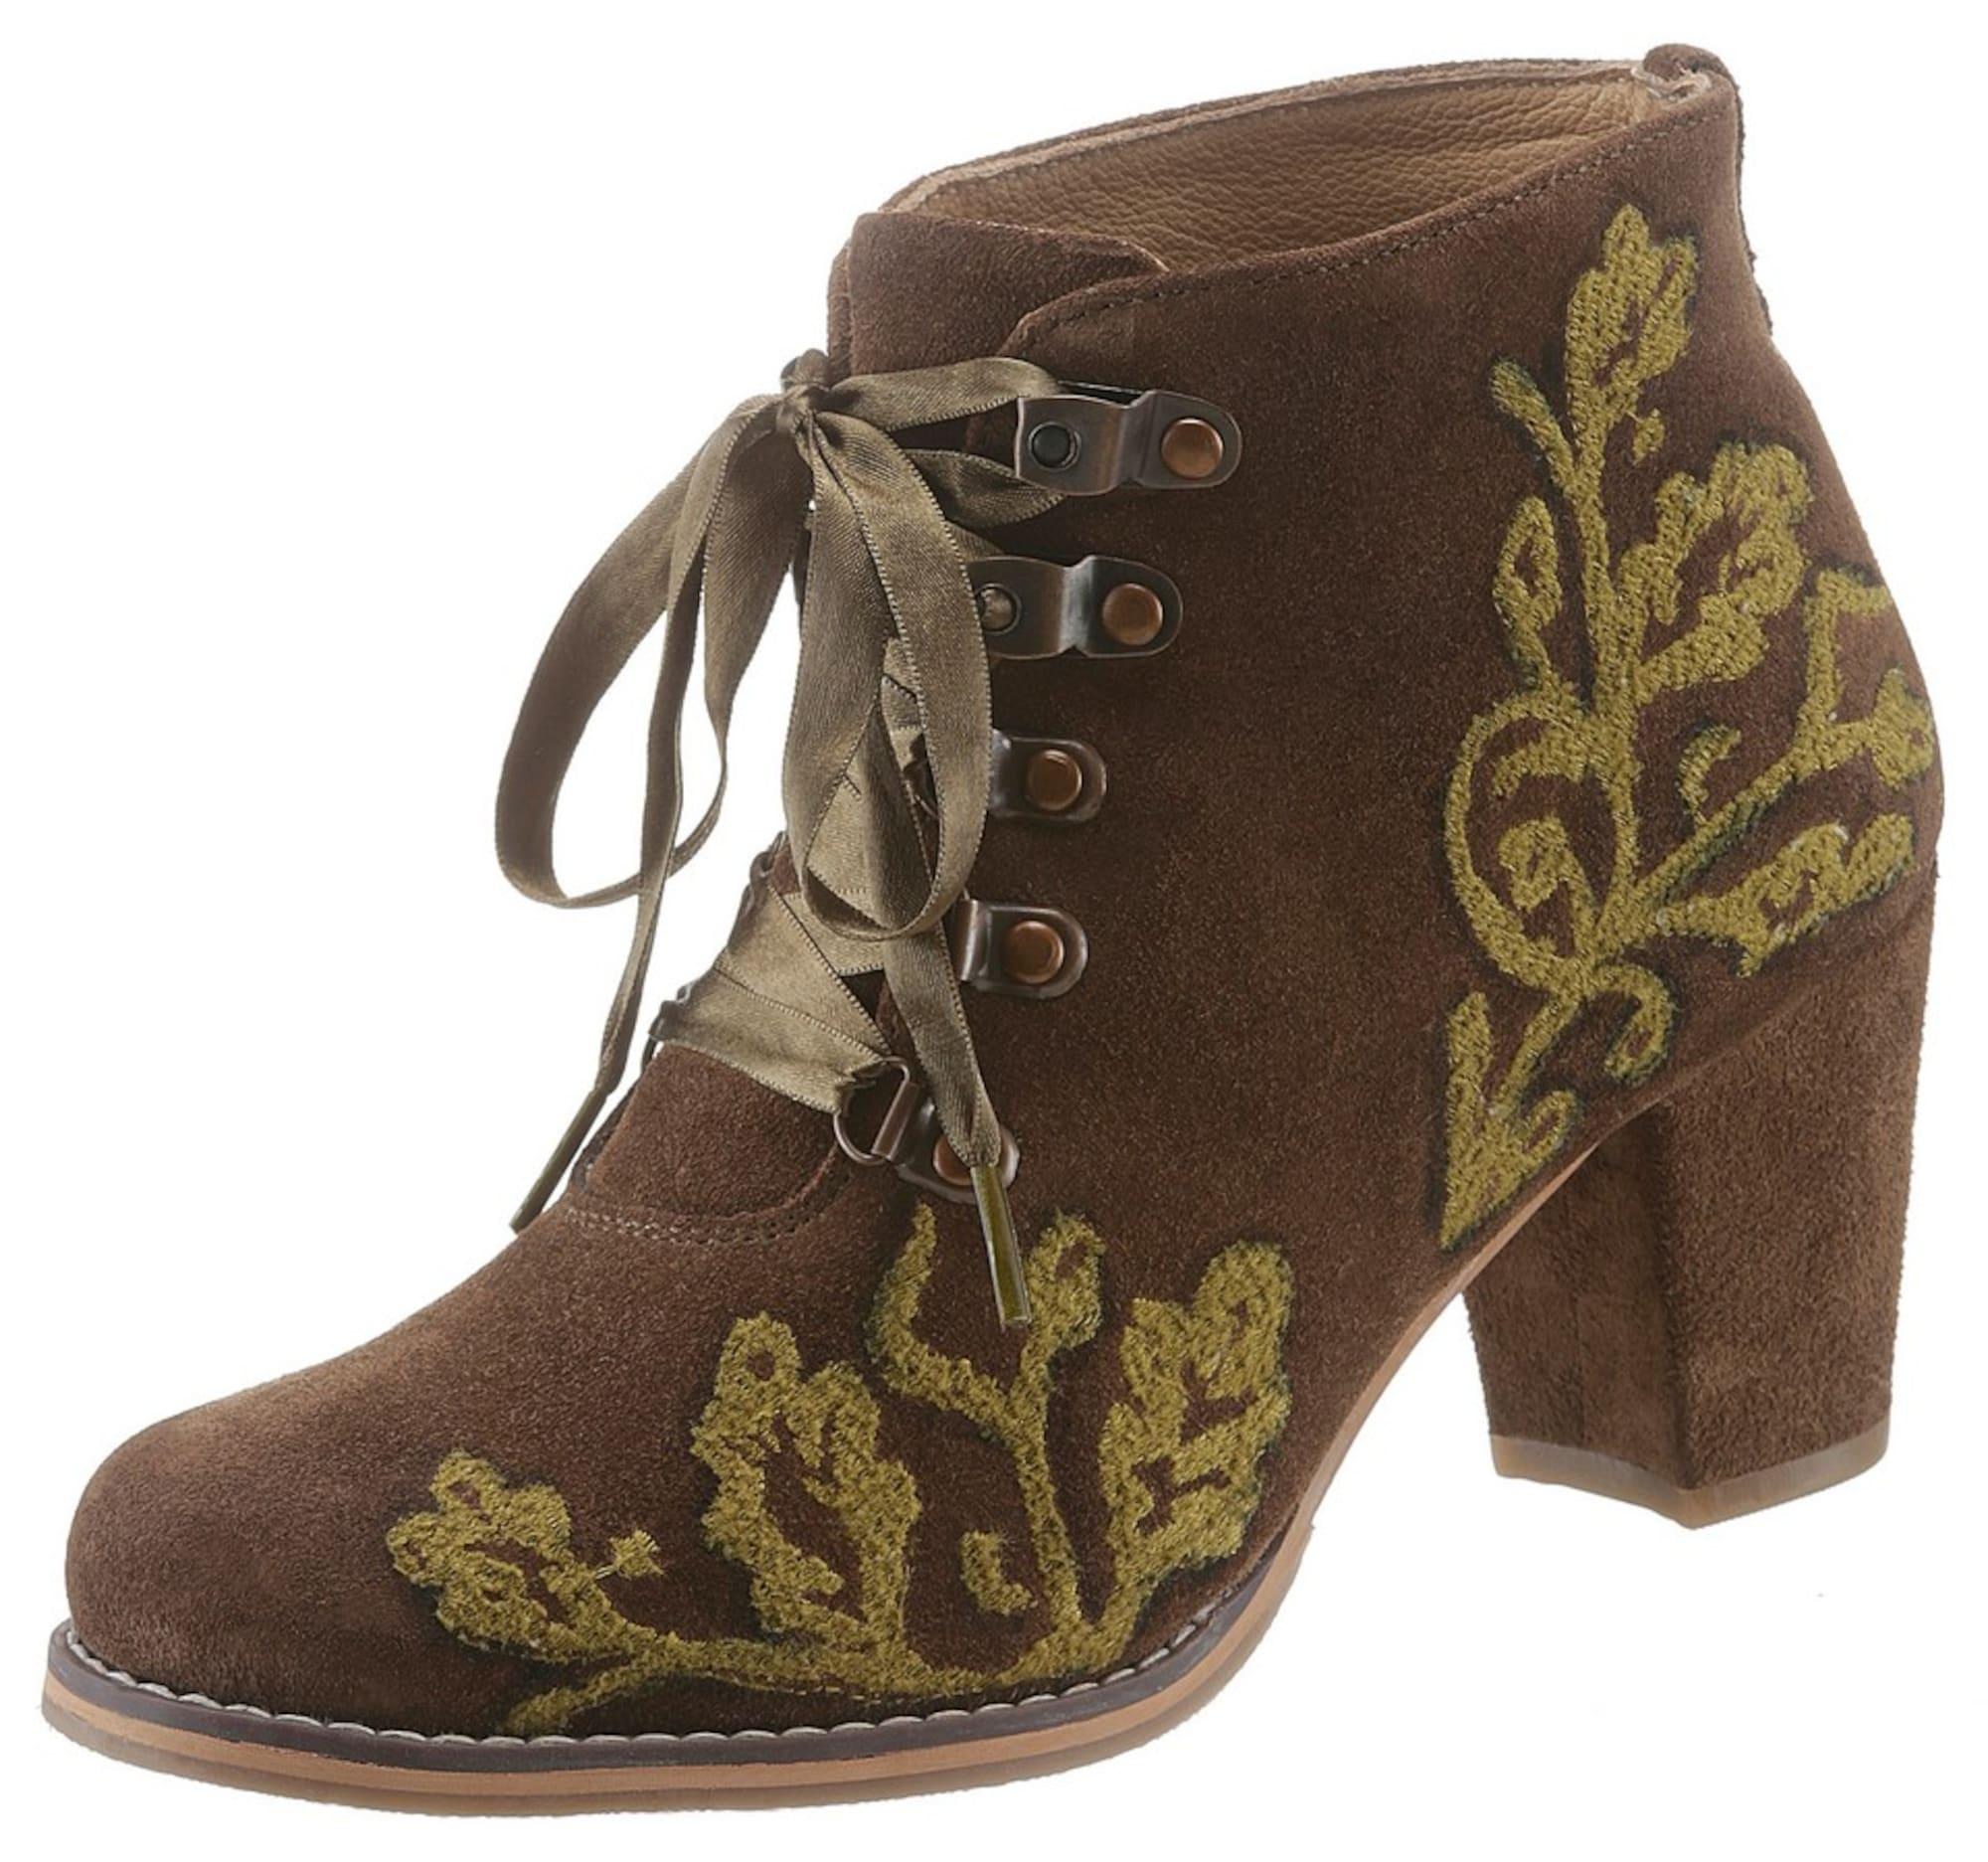 best sneakers 58ef4 45d27 AboutYou Damen SPIETH & WENSKY Trachtenstiefelette mit Stickerei khaki |  04059829271432